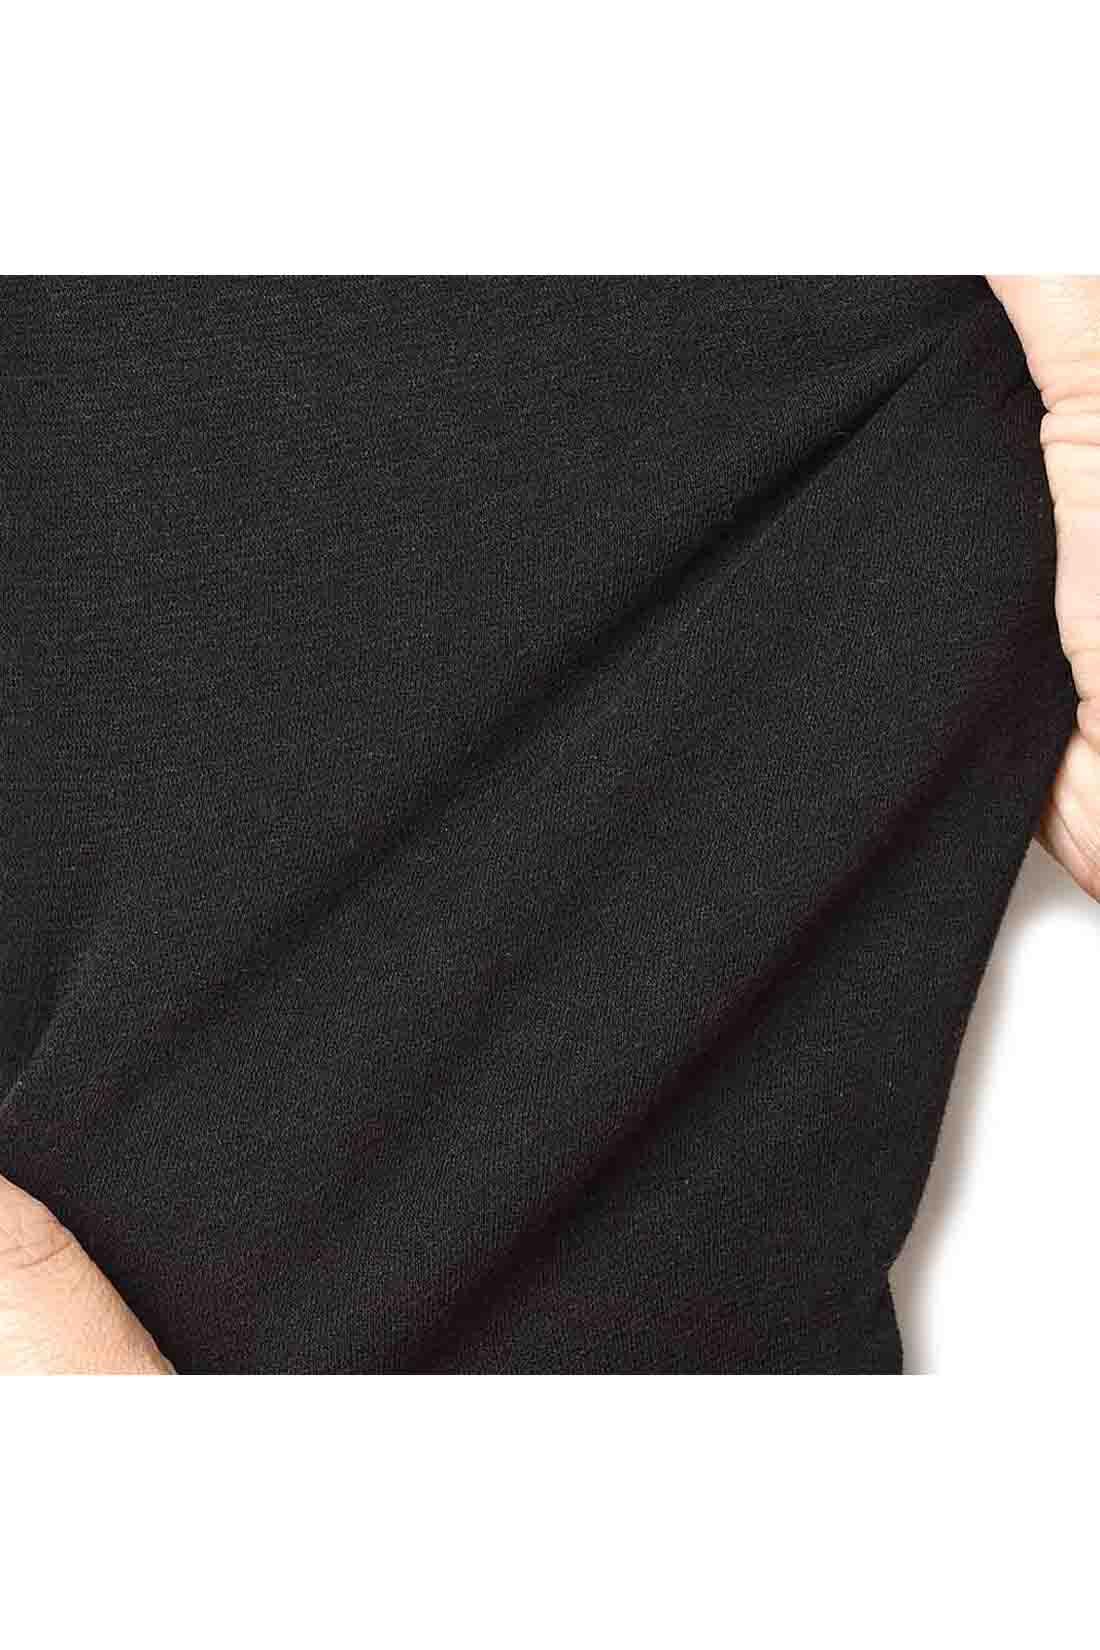 ストレッチのきいたのびやか素材を使用。フィット感とボリューム感がほどよく、着心地はしなやか。